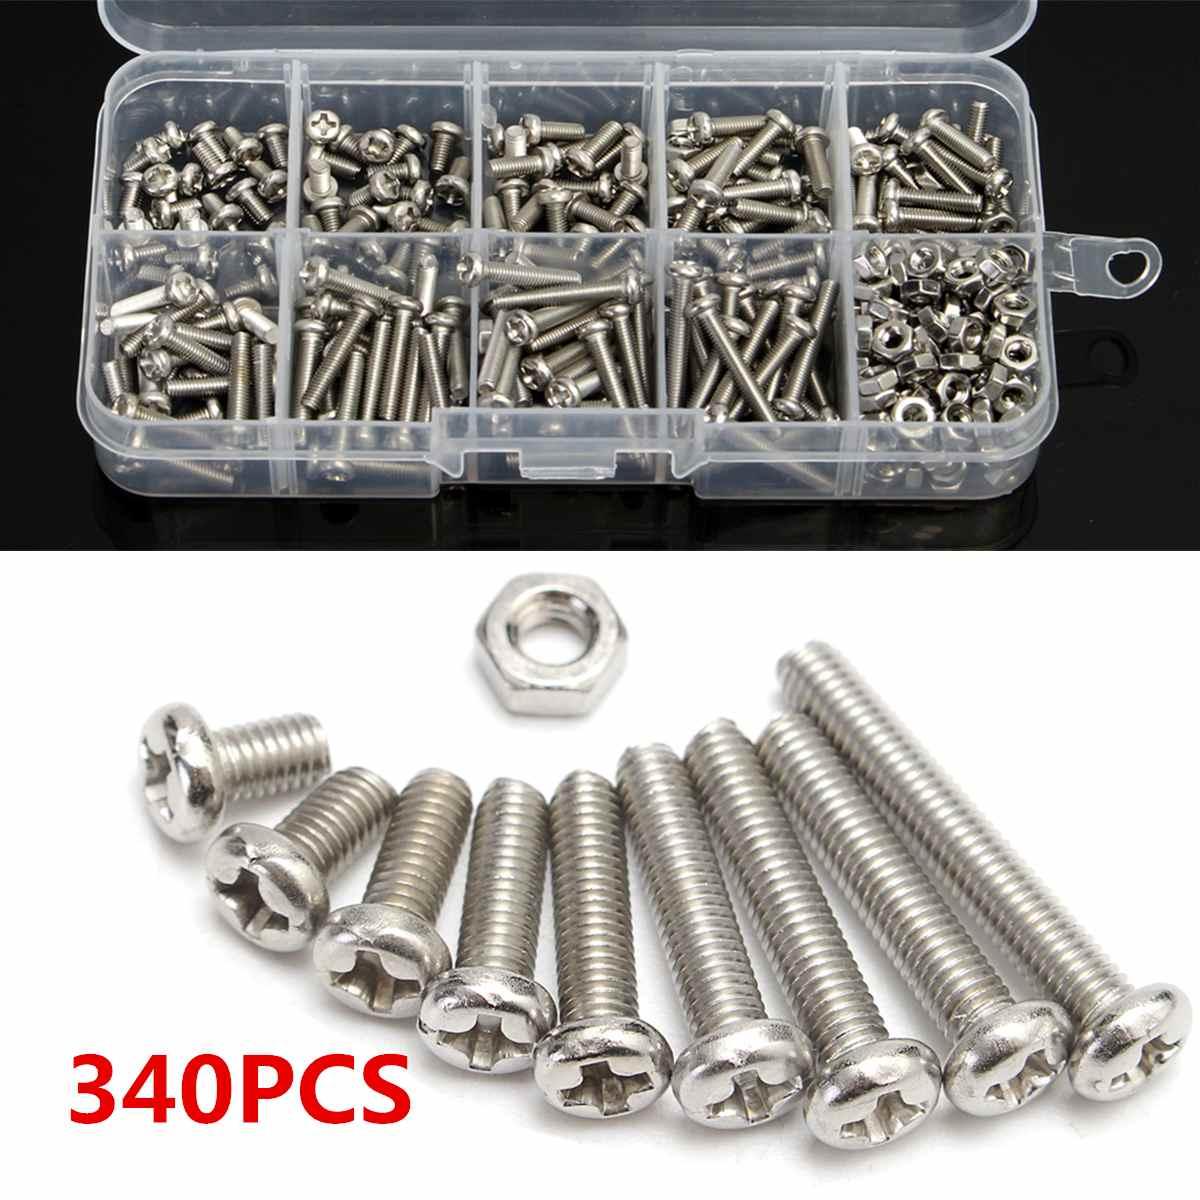 340 pçs/caixa m3 304 aço inoxidável cruz-fone de ouvido parafuso parafusos porca cabeça parafuso conjunto fixador sortimento kit ferramentas de reparo conjunto